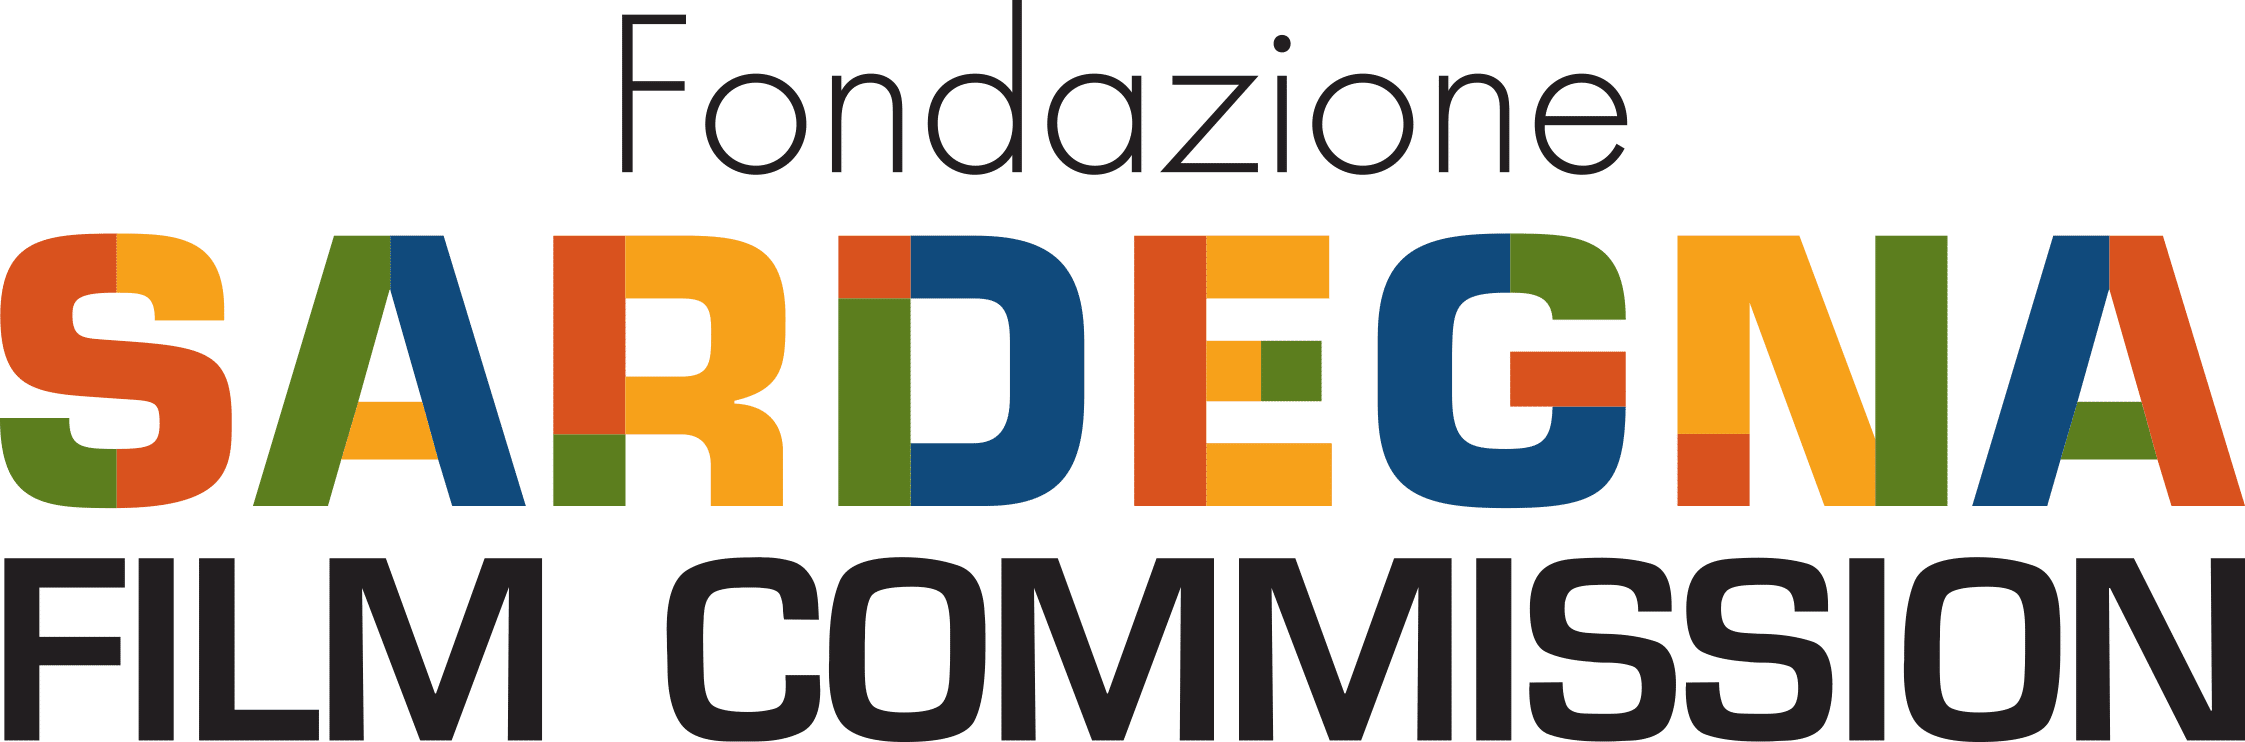 Fondazione-Sardegna-Film-Commission-PDF_open